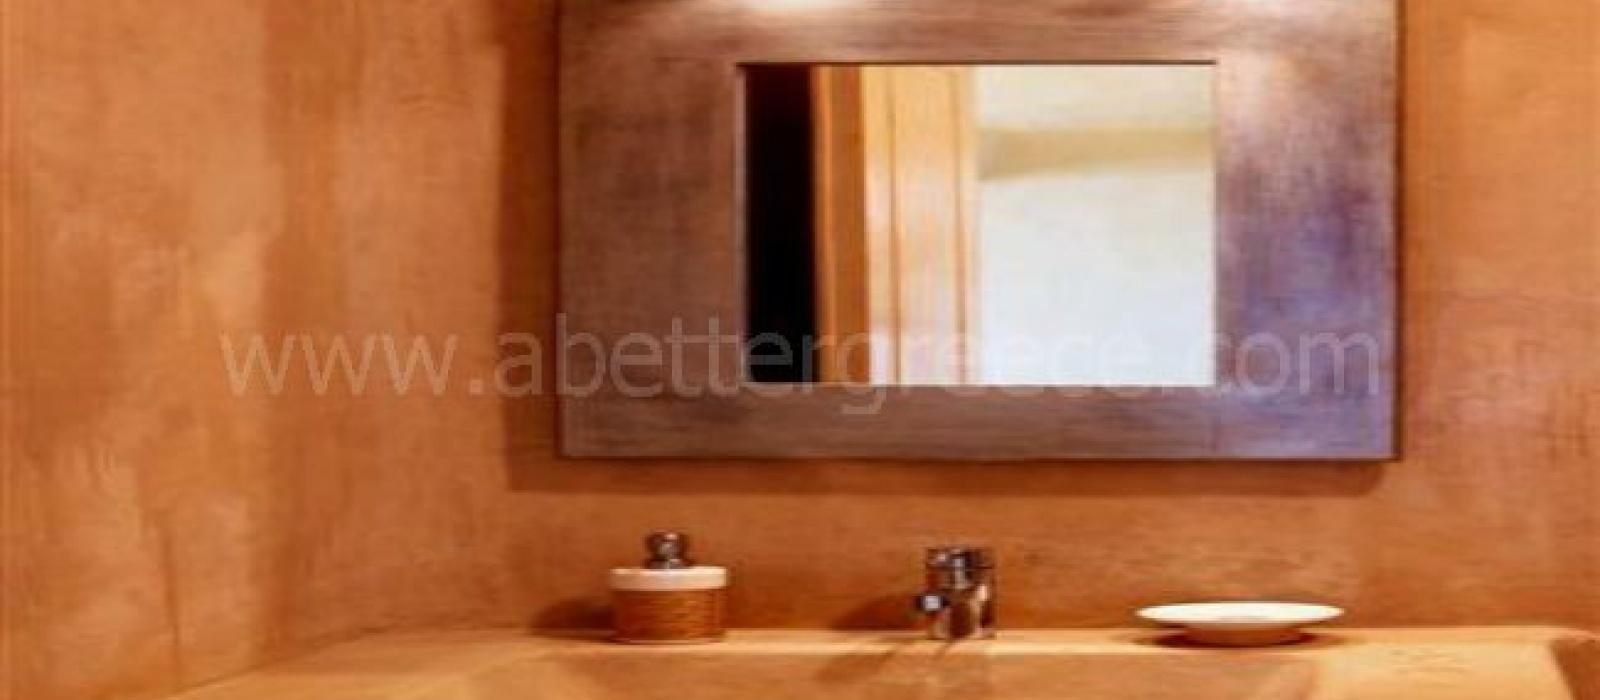 7 Bedrooms, Villa, Vacation Rental, 6 Bathrooms, Listing ID 1077, Antiparos, Greece,